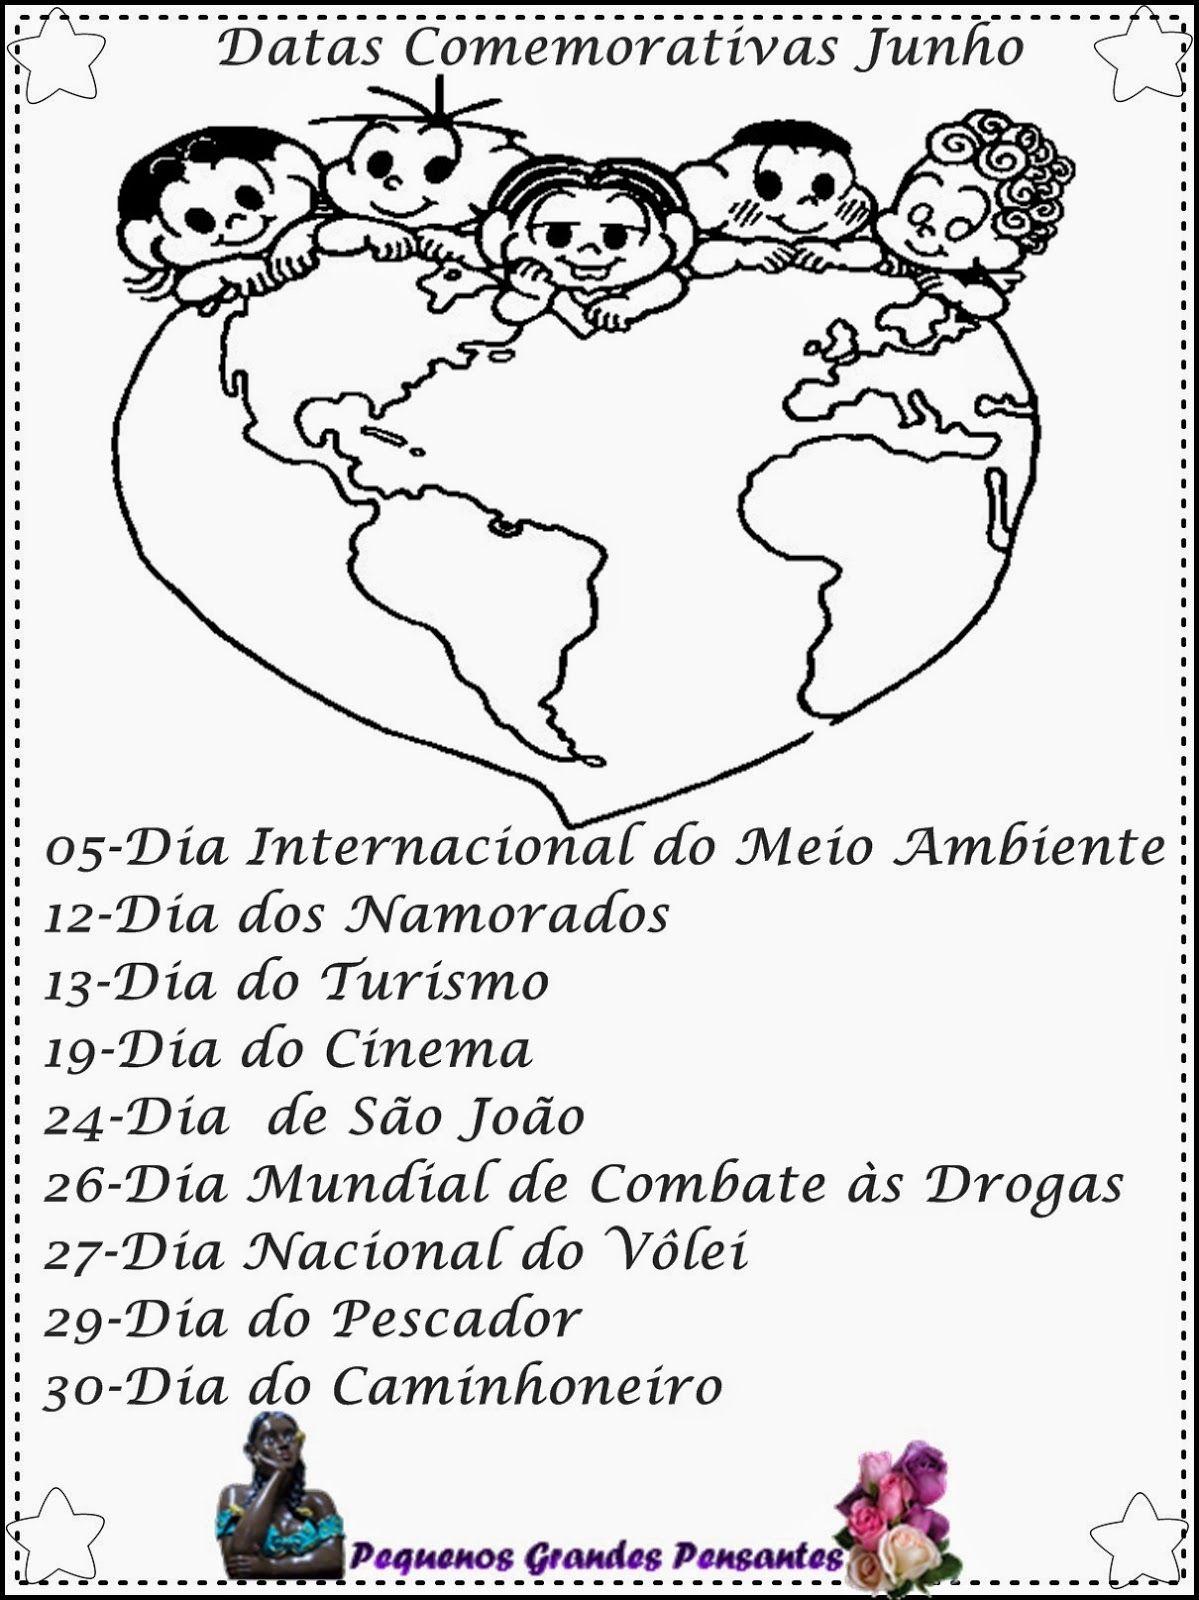 Datas Comemorativas de Junho  645896fcacc